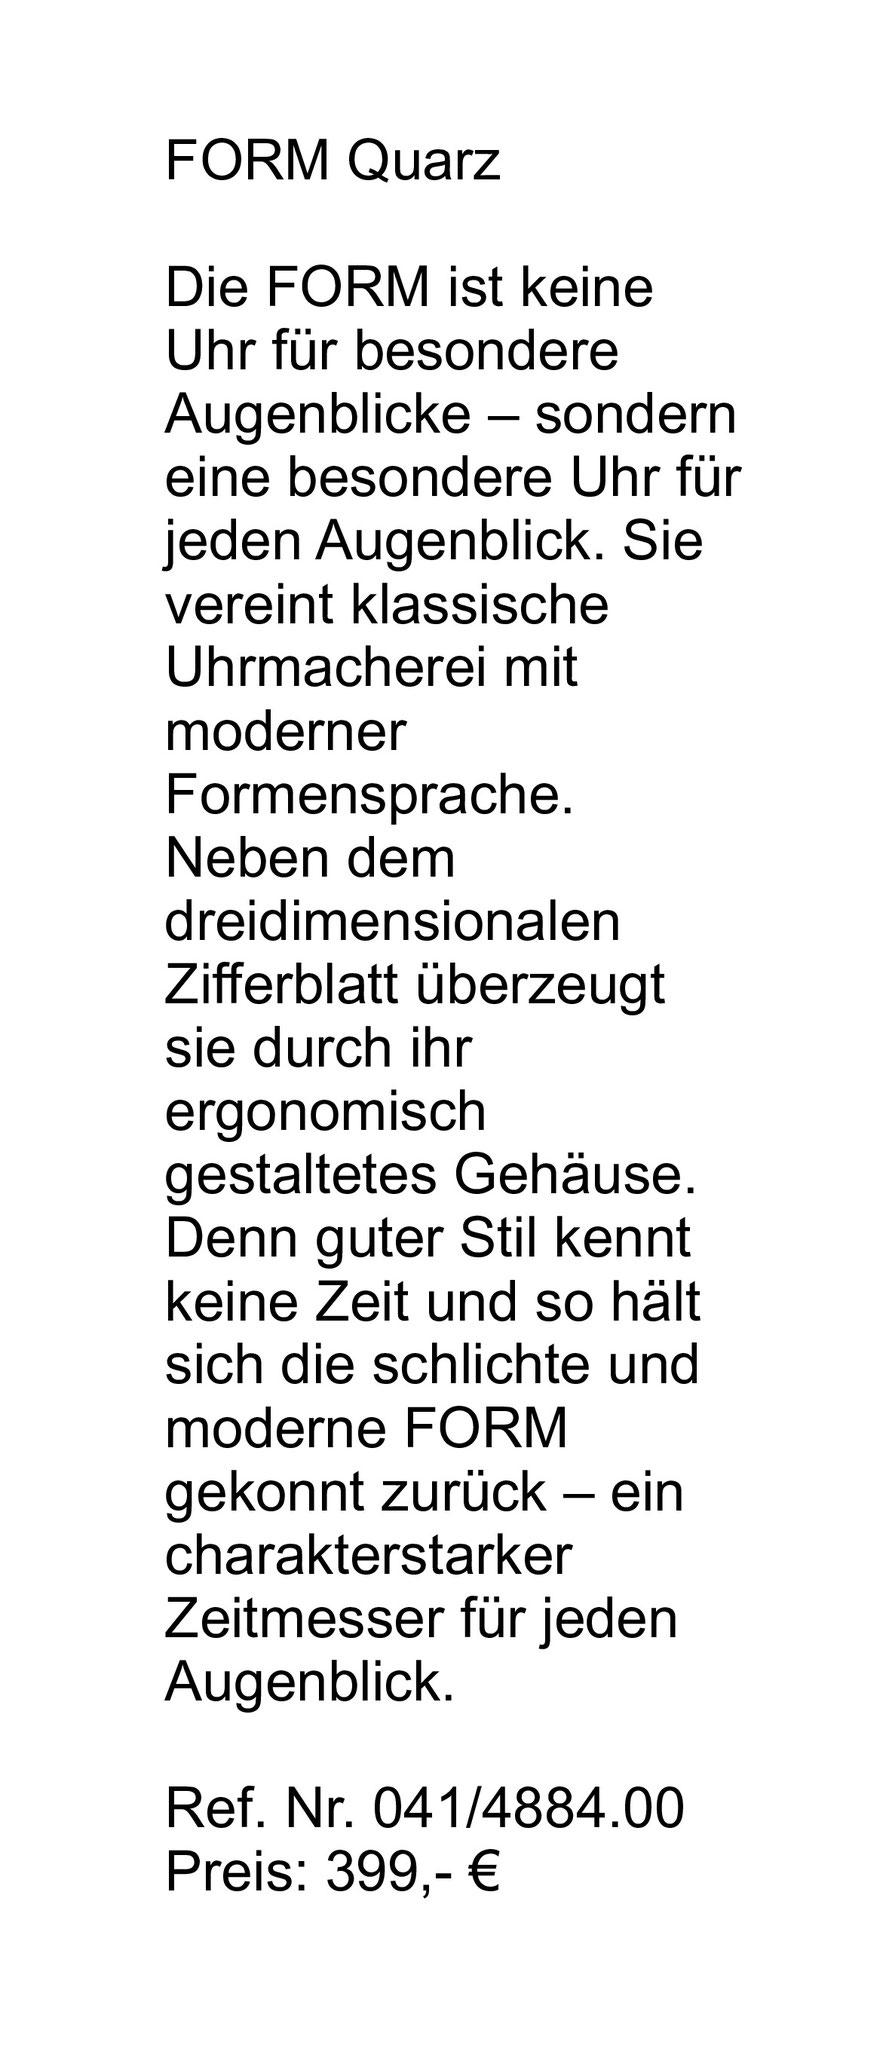 Kalbslederband mit Dornschließe aus Edelstahl Preis: 399,- €